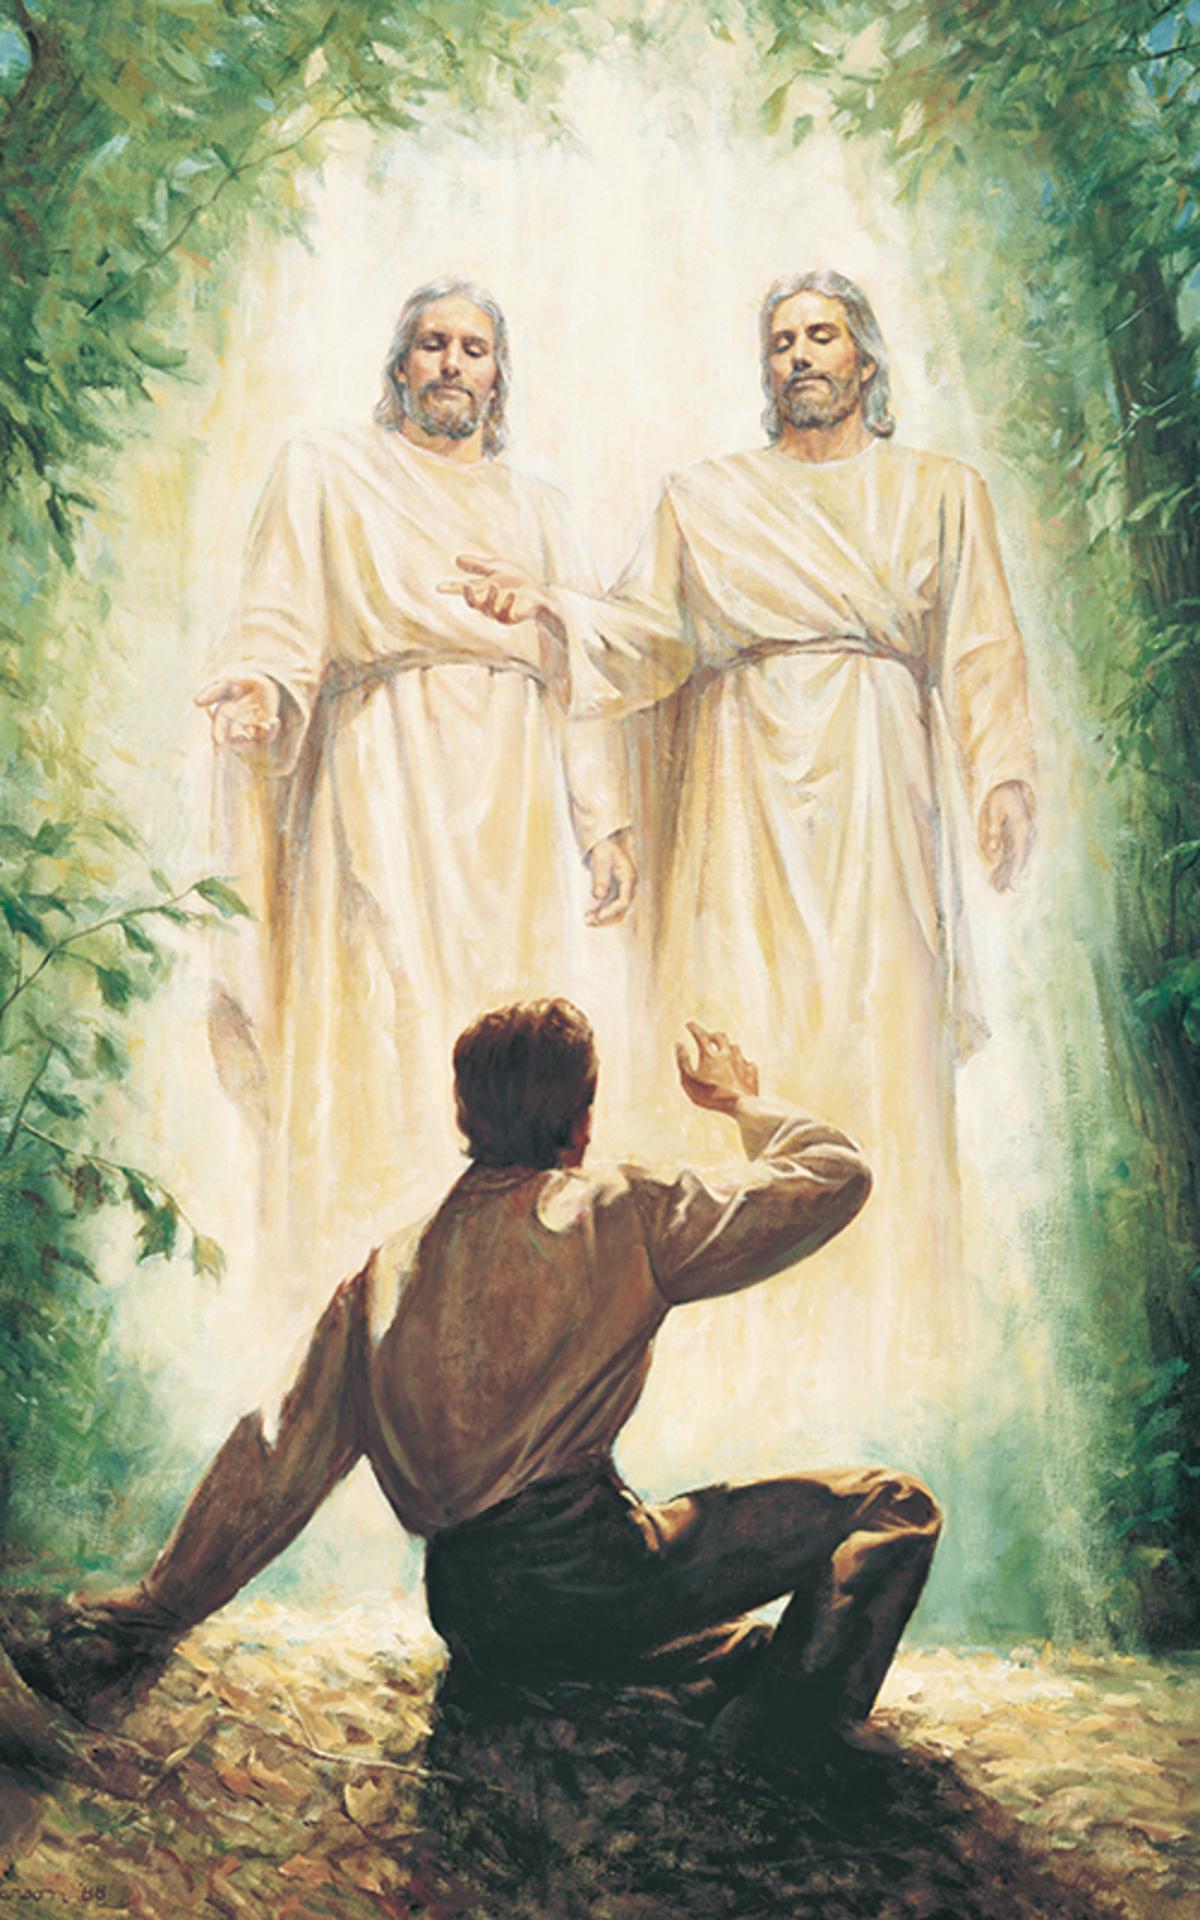 Μάθετε τι γνωρίζουμε για τον Θεό, τον Ιησού Χριστό και το Άγιο Πνεύμα